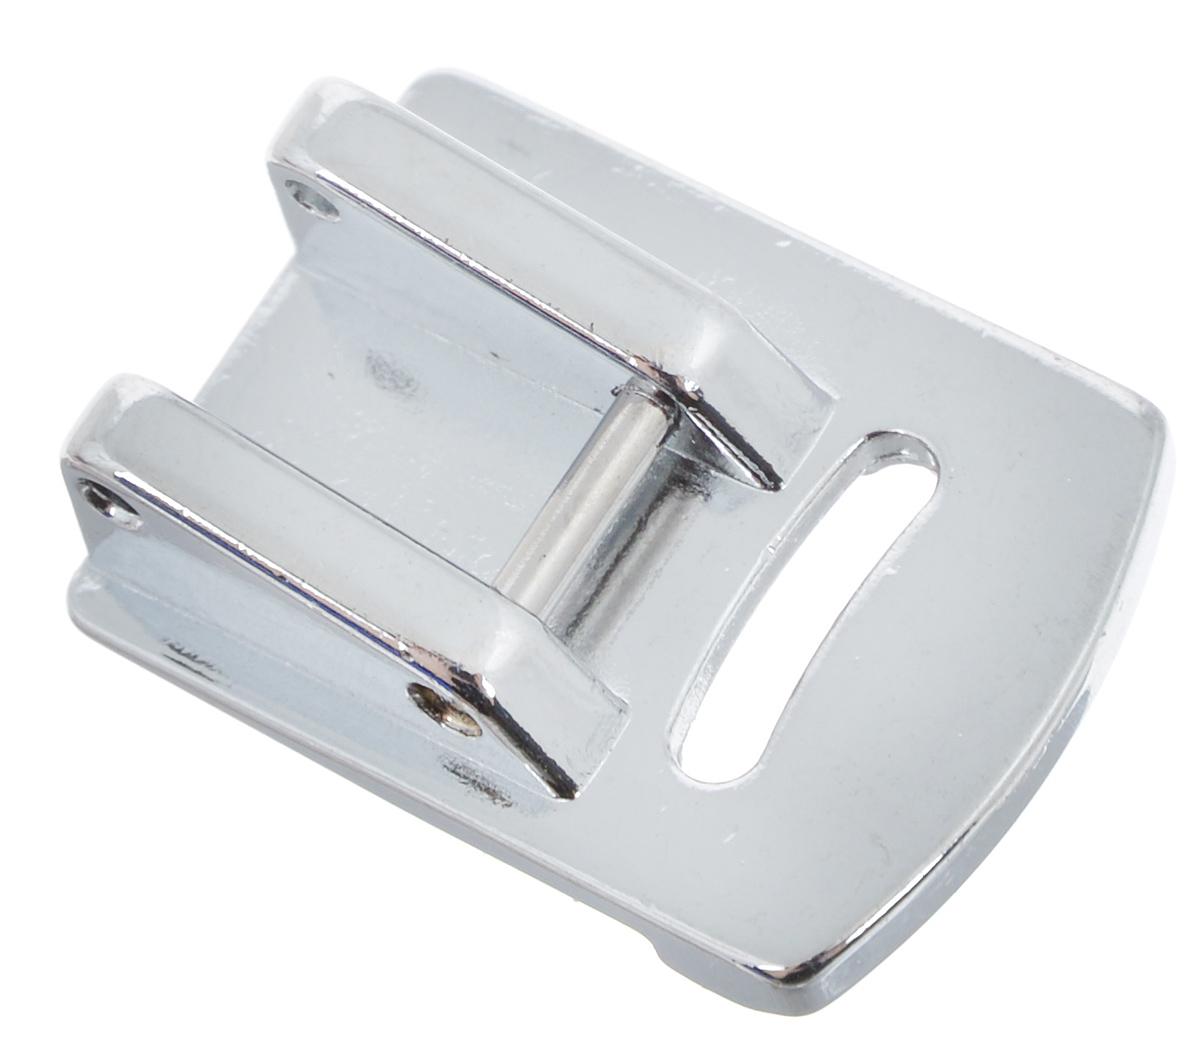 Лапка для швейной машины Aurora, для присбаривания (посадки)AU-128Лапка для швейной машины Aurora предназначена для создания мягкой сборки на тонких тканях. Цельнометаллическая лапка с бортиком на подошве позволяет сделать мягкую сборку на очень тонких и эластичных материалах. Вам не придется закладывать сборку вручную или делать это в несколько этапов: прошить прямую строчку, а потом, аккуратно подтягивая за кончики нитей, формировать сборку. Вы добьетесь красивой и качественной сборки за одну операцию без усилий. Подходит для большинства современных бытовых швейных машин. Инструкция по использованию прилагается.